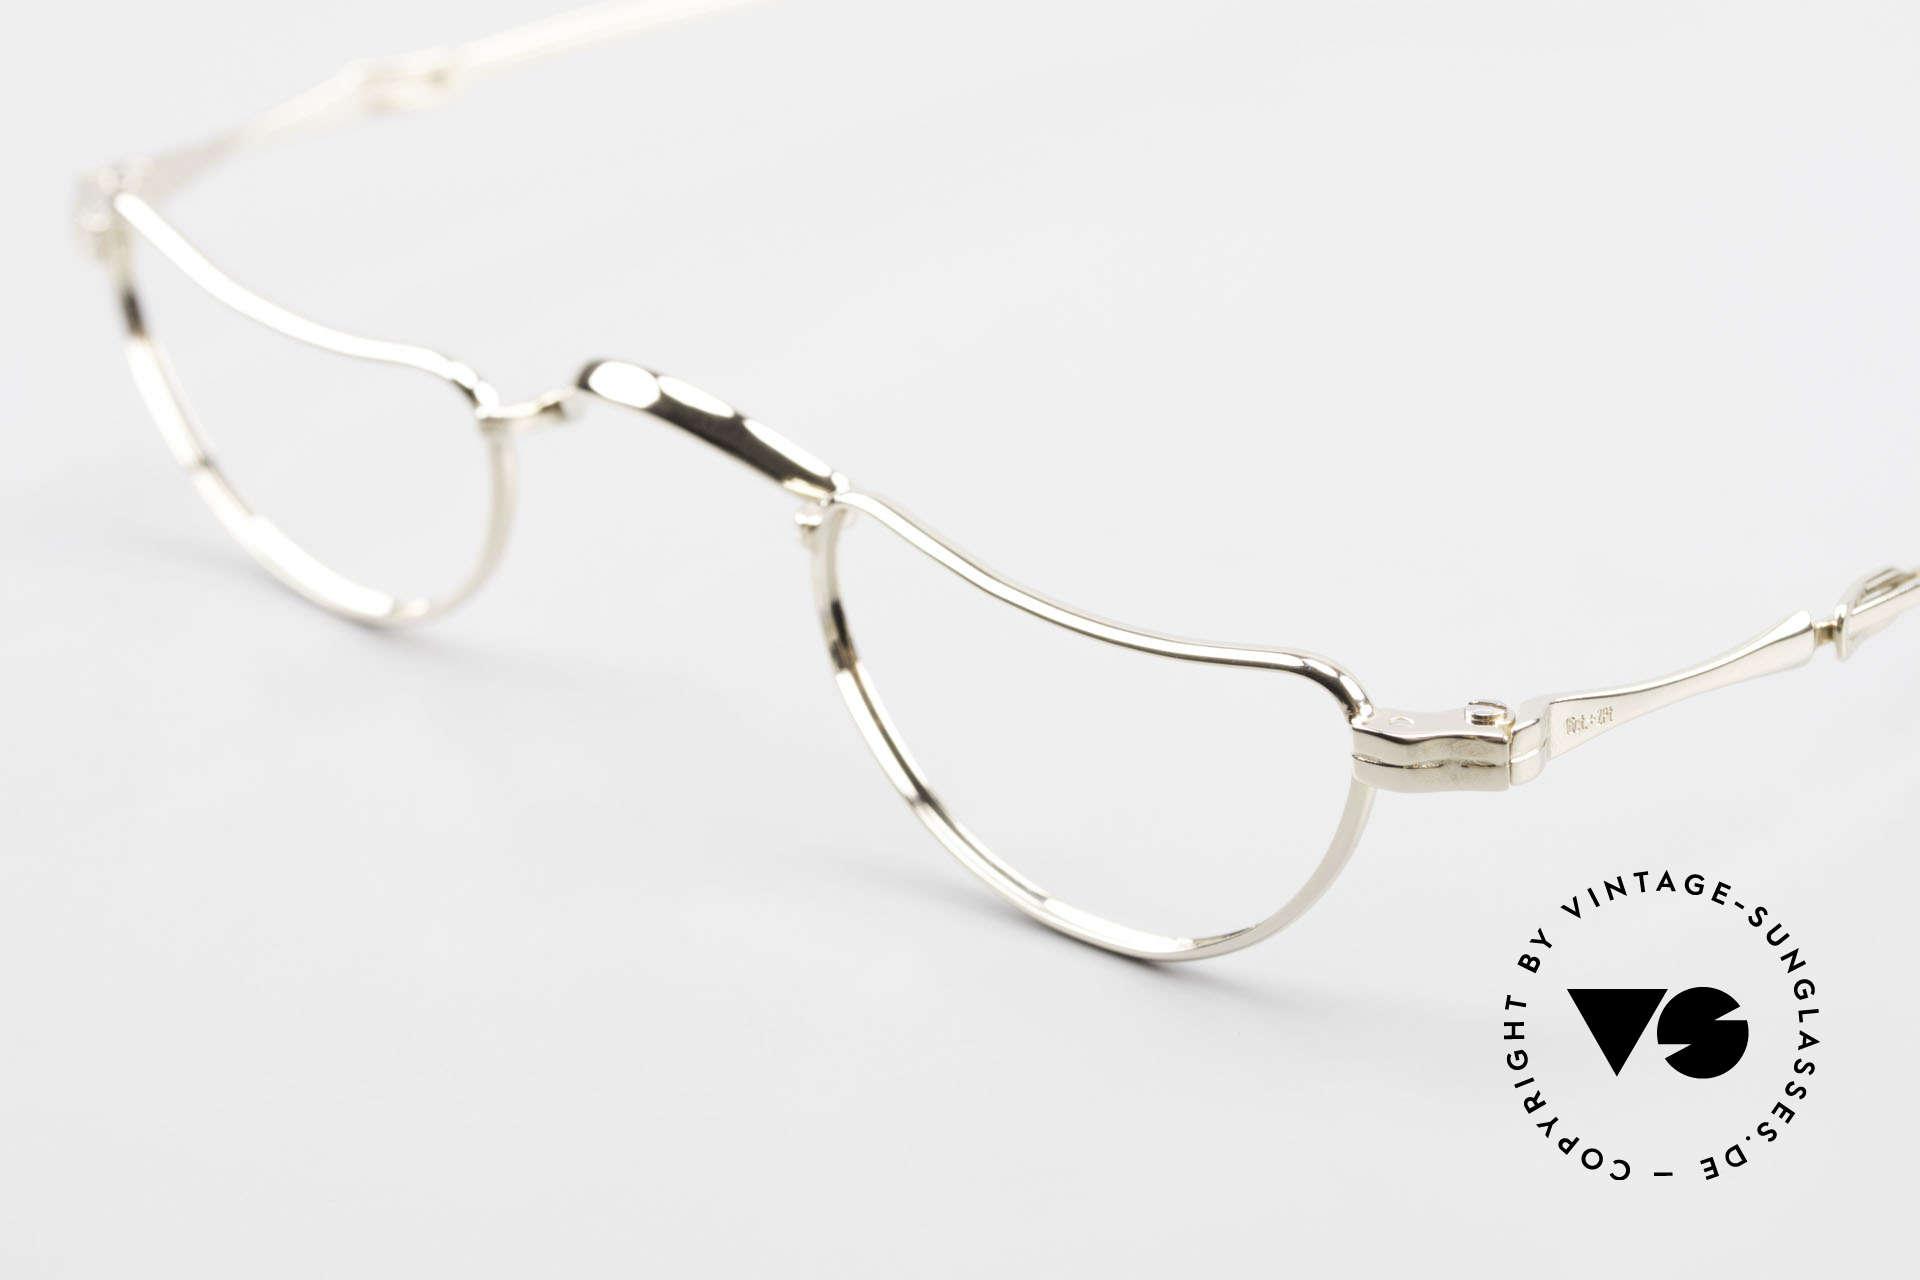 Lunor Goldbrille Echtgold Brille 16kt Lesebrille, absolute LUXUS-Brille mit genialen Schiebebügeln, Passend für Herren und Damen